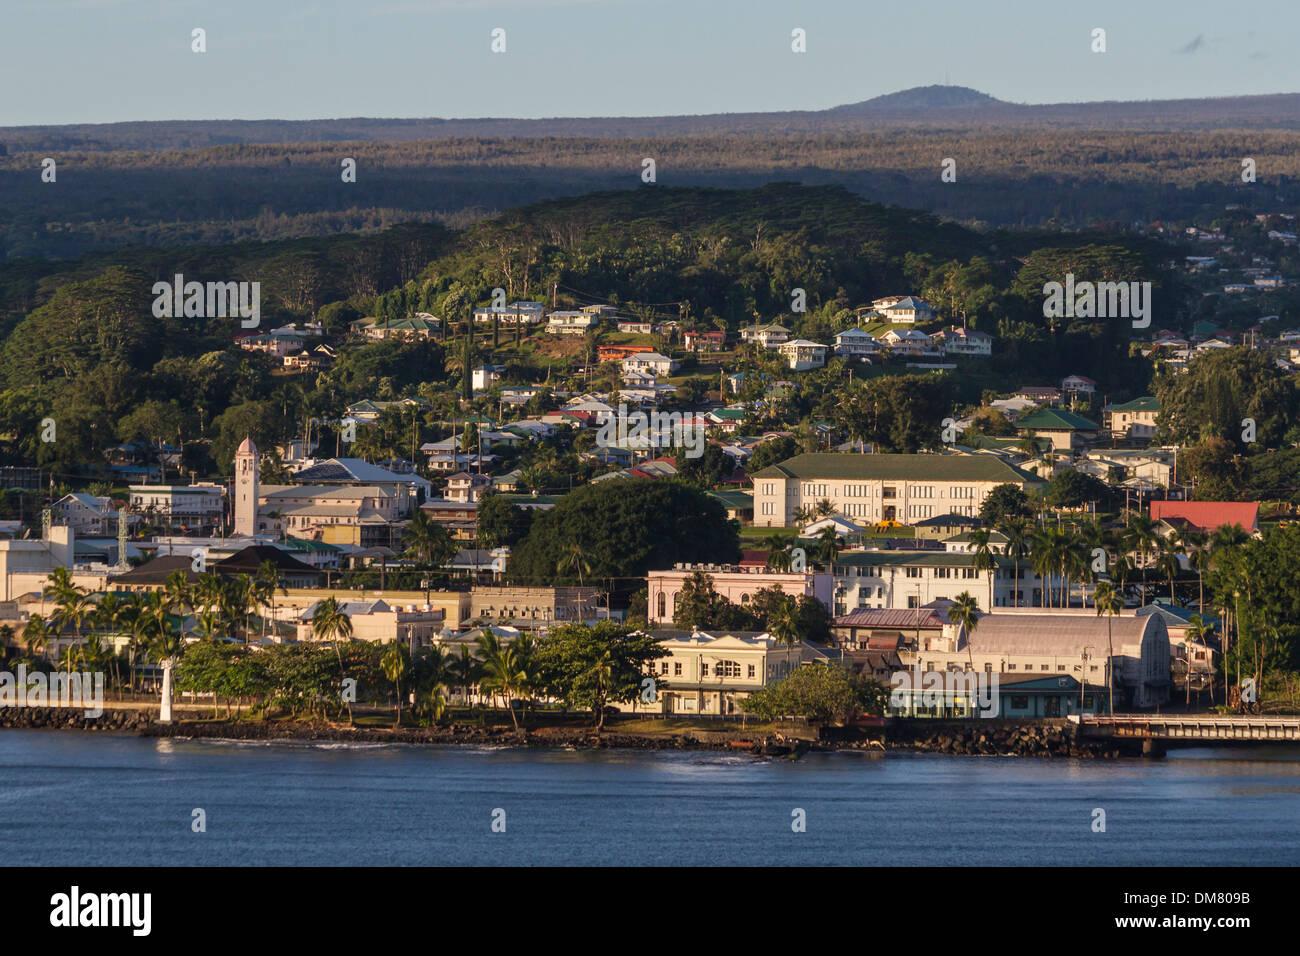 USA, Hawaii, Hawaii (Big) Island, Hilo - Stock Image